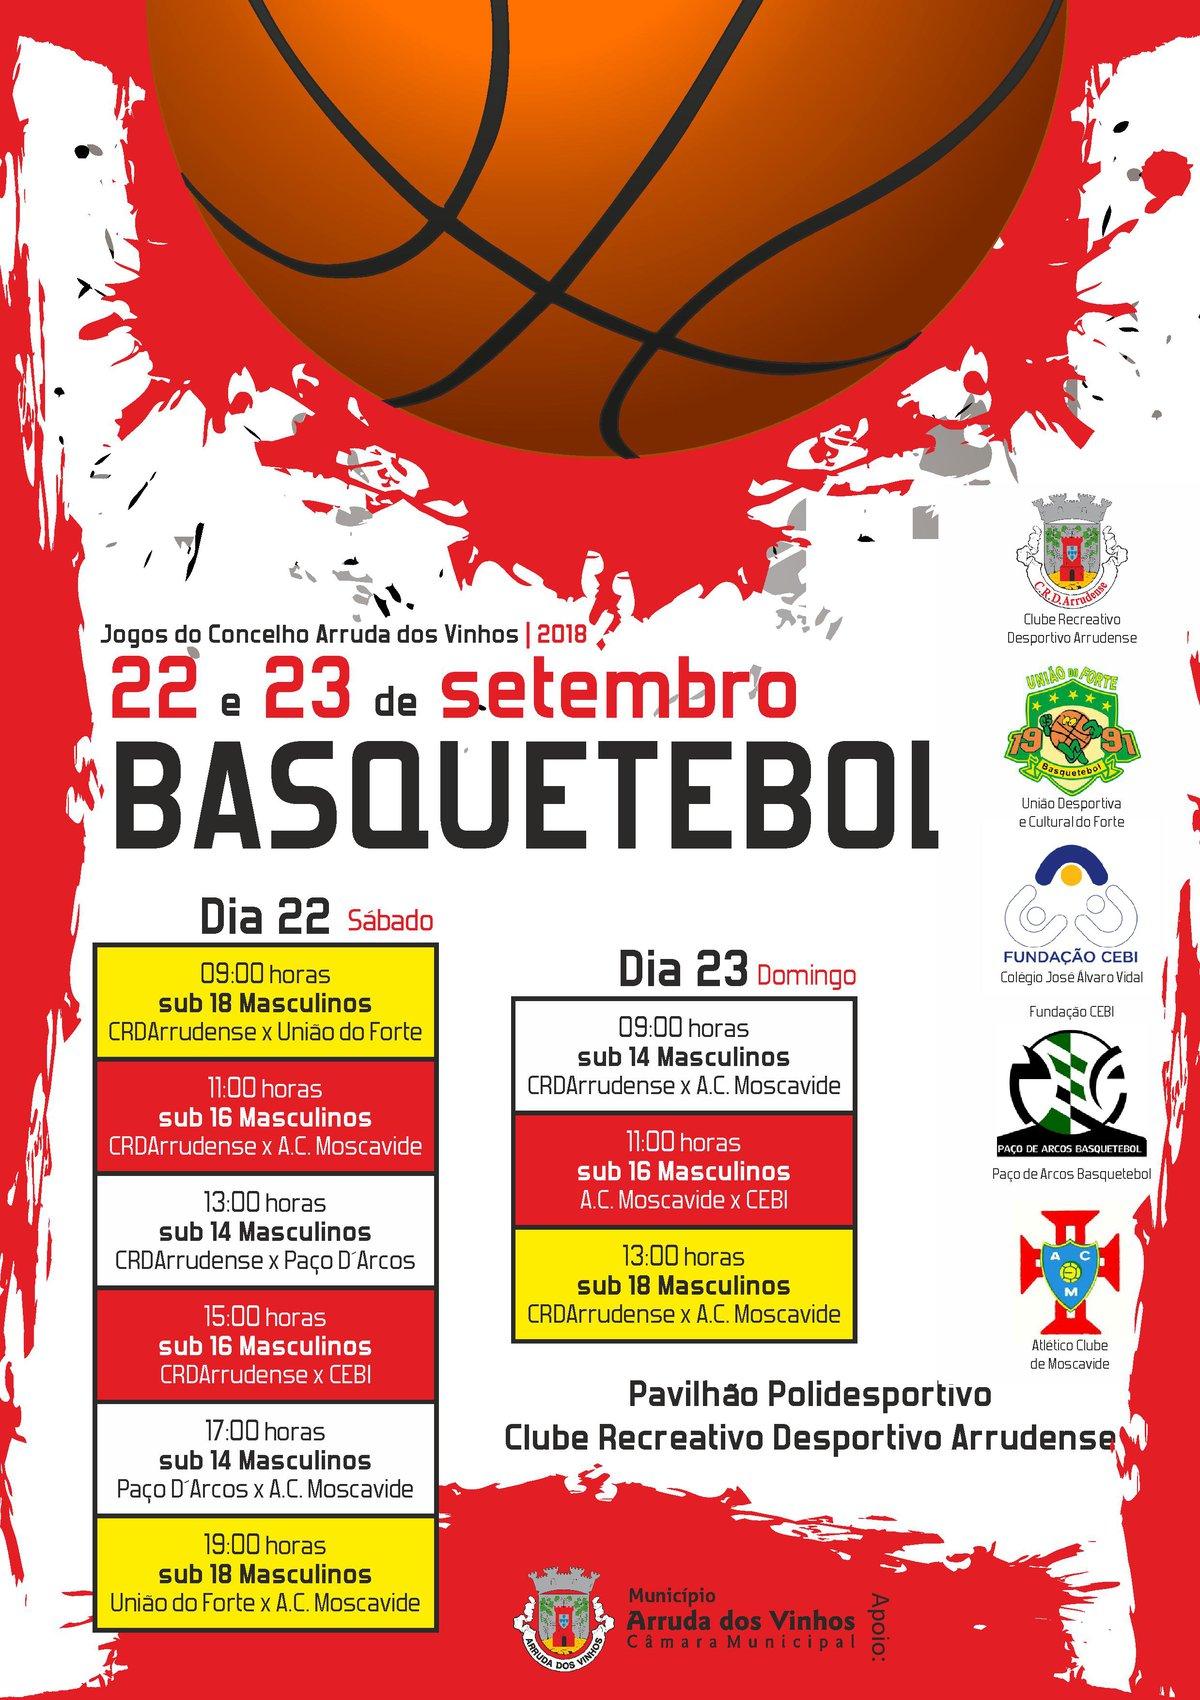 Jogos do concelho - Basquetebol